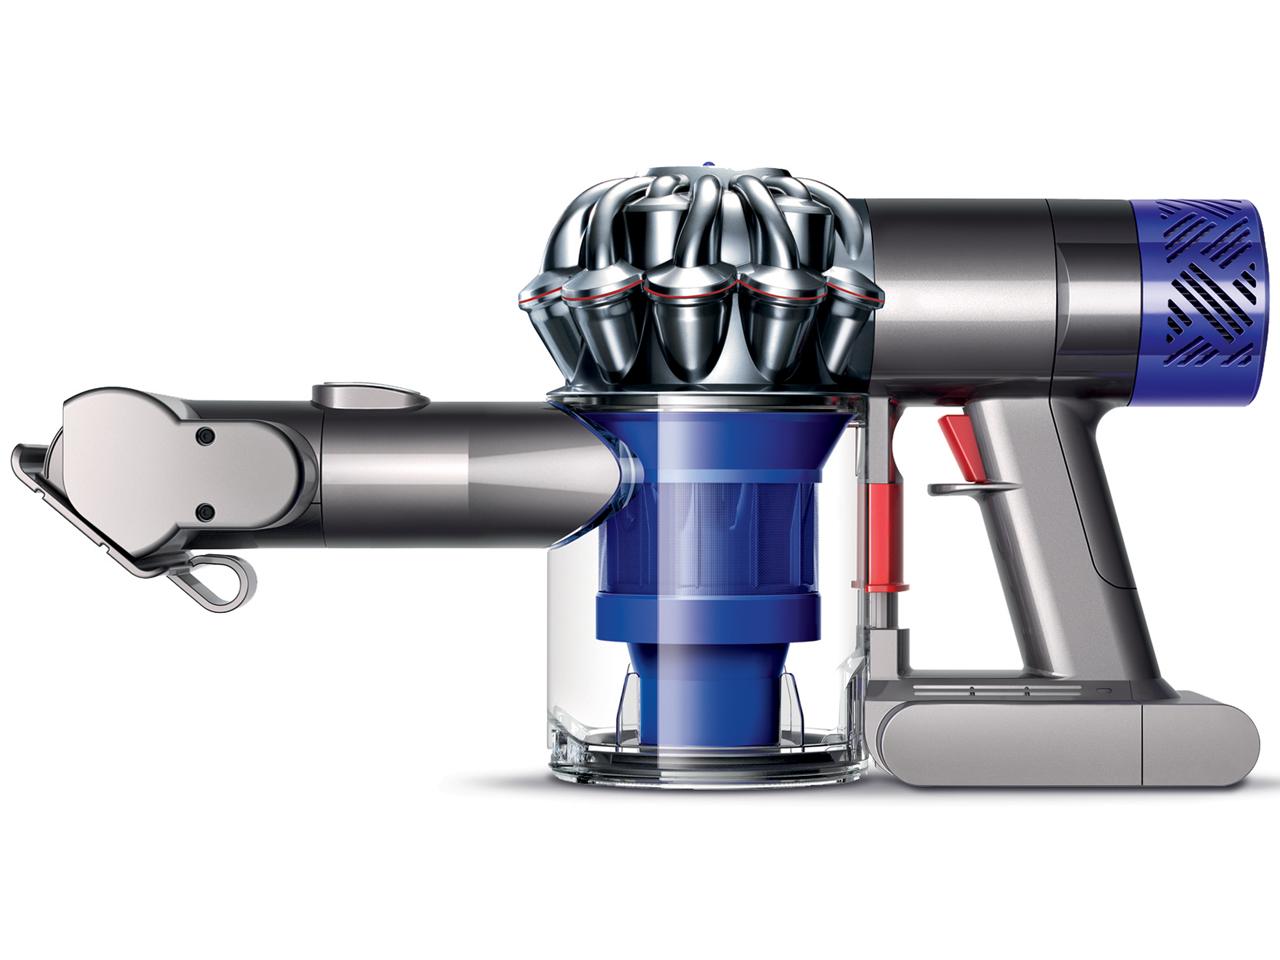 Dyson V6 Trigger の製品画像